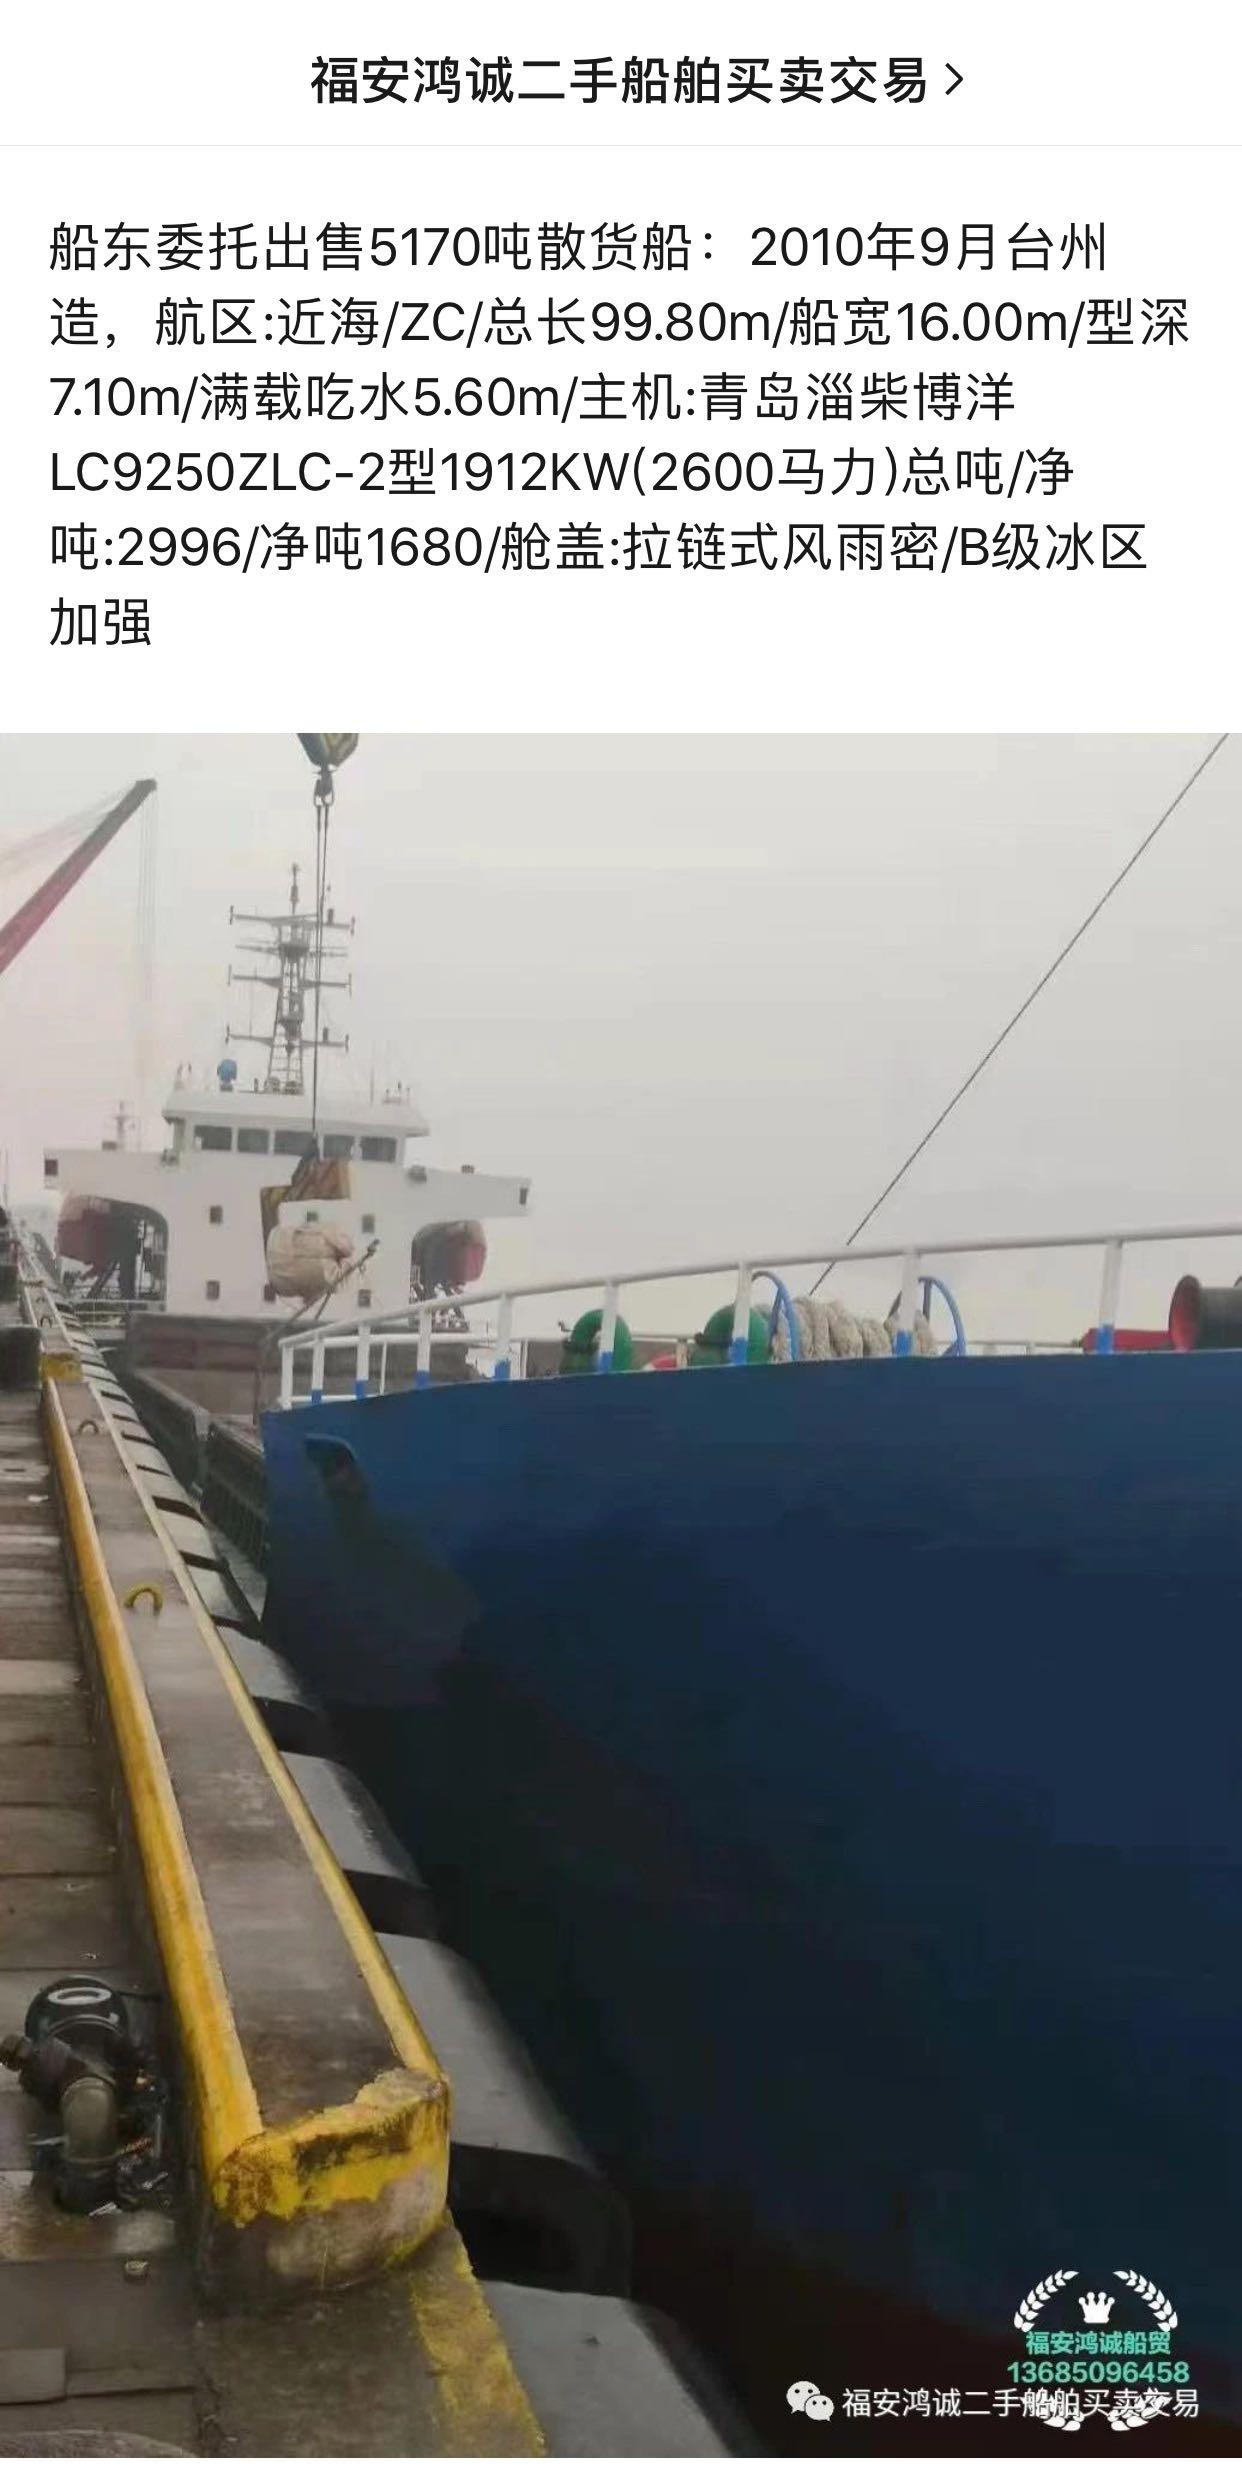 出售2010年造5170吨散货船